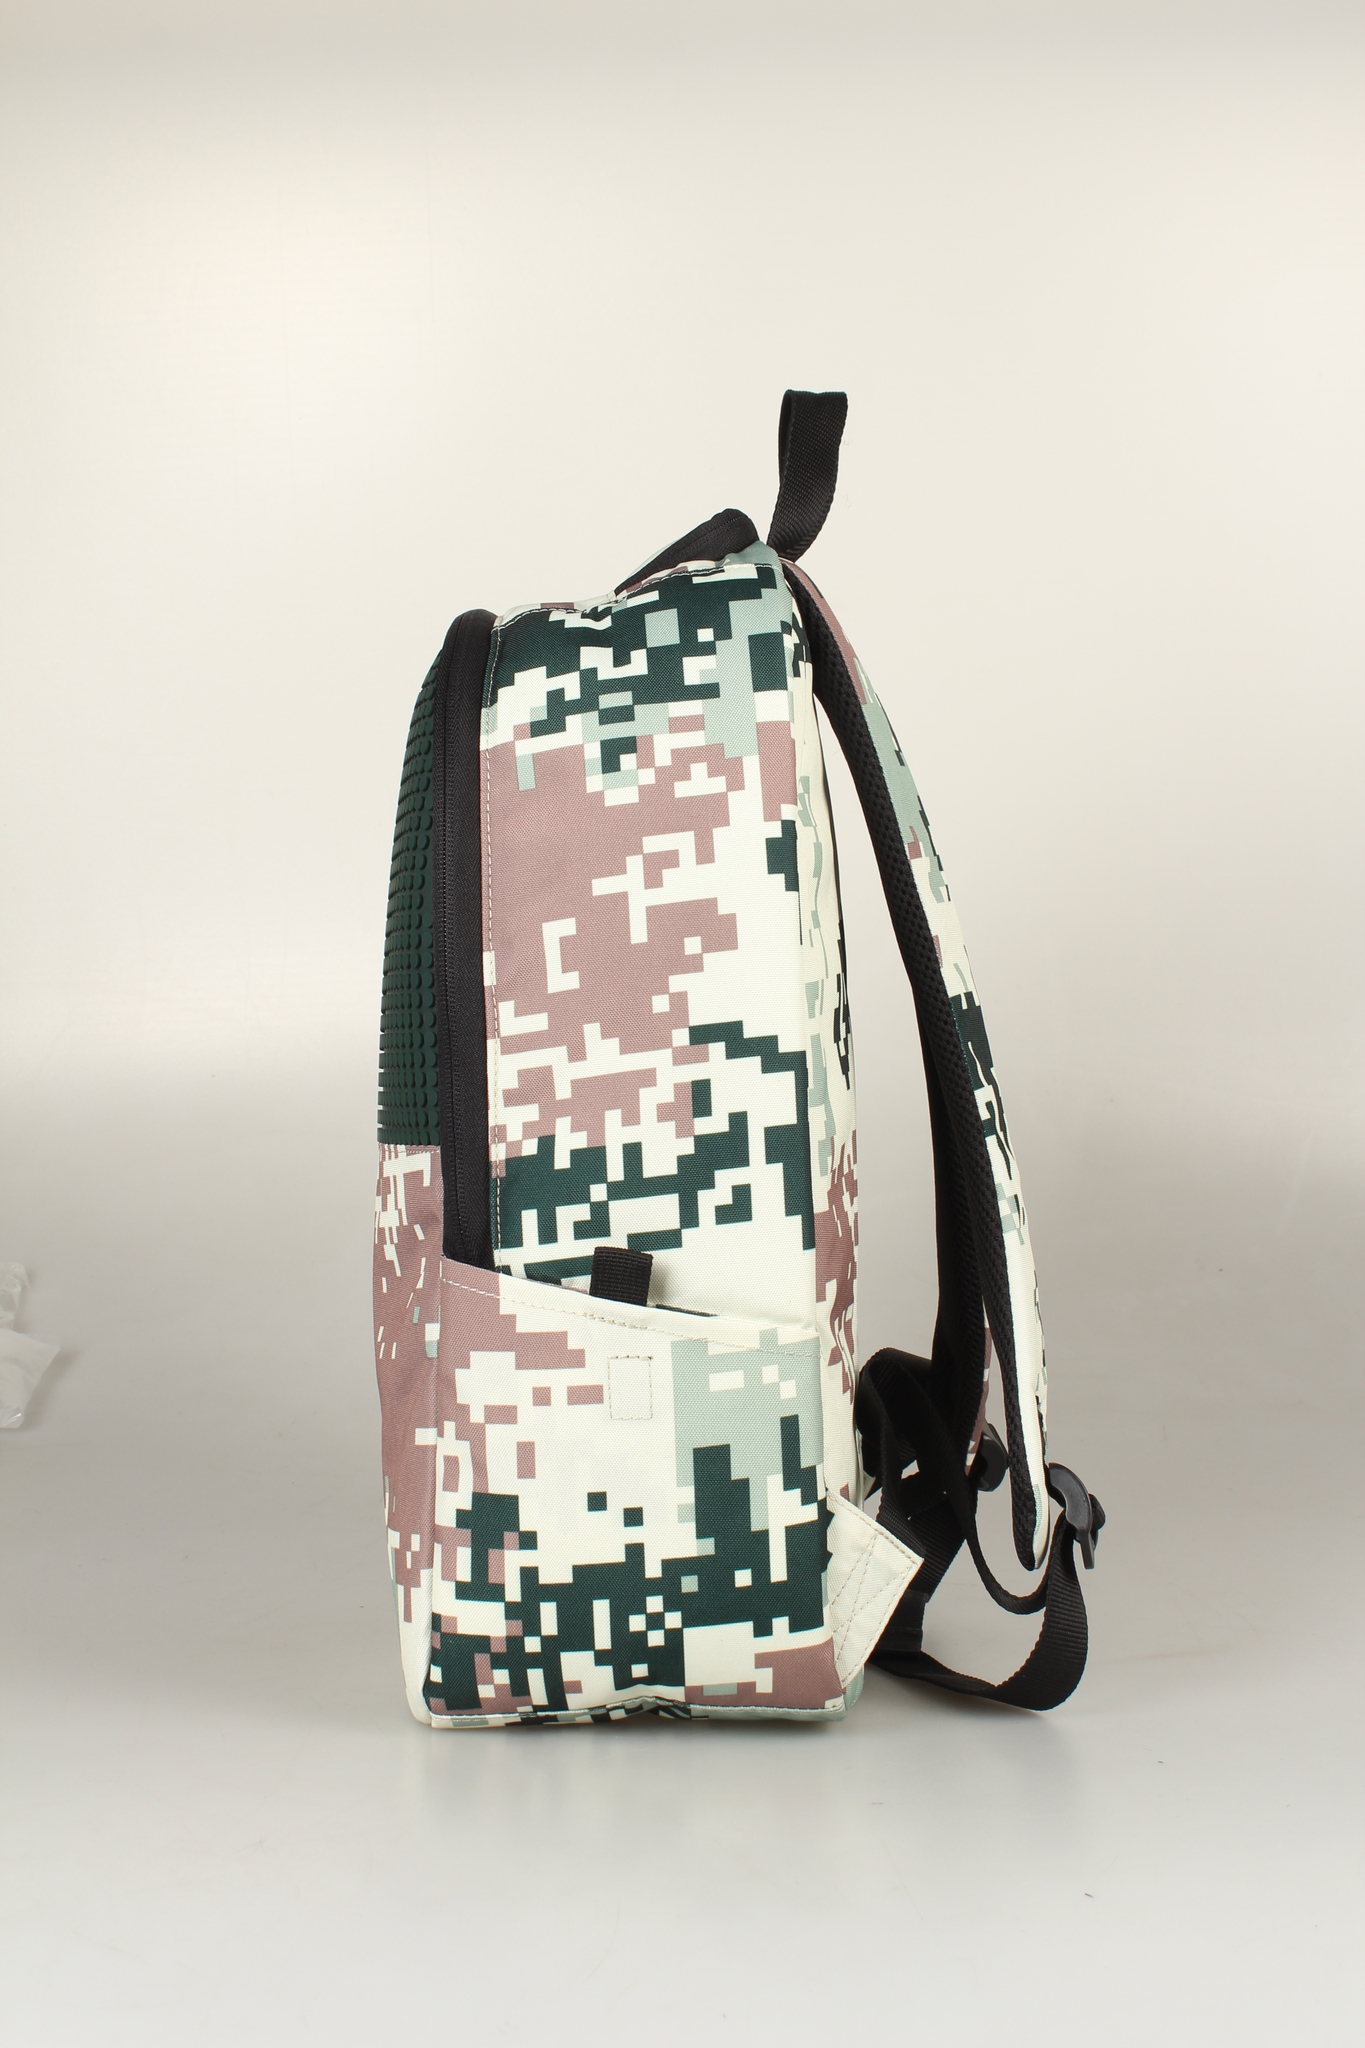 Школьный пиксельный рюкзак Camouflage черно-коричневый вид сбоку